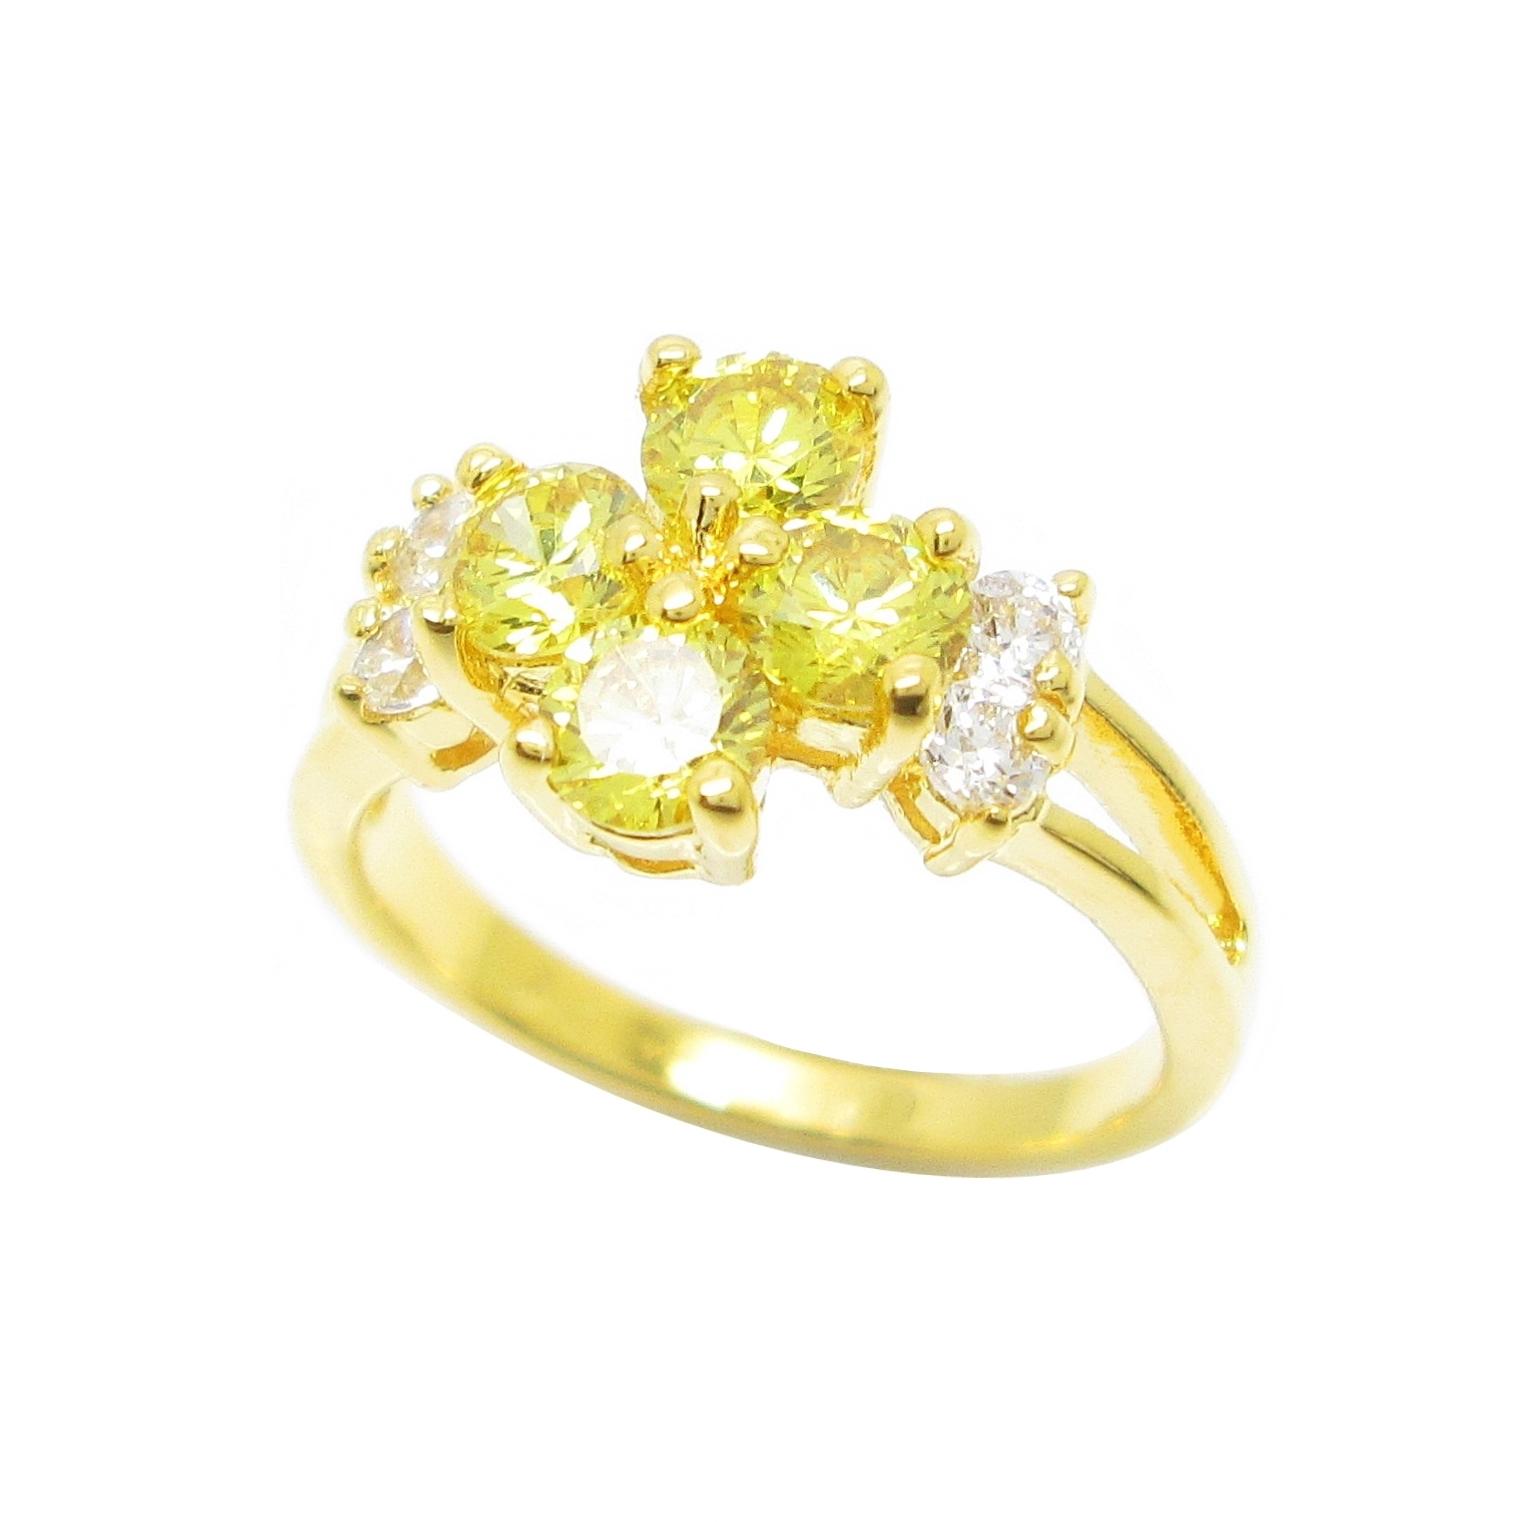 แหวนดอกไม้พลอยบุศราคัมประดับเพชรข้างชุบทอง